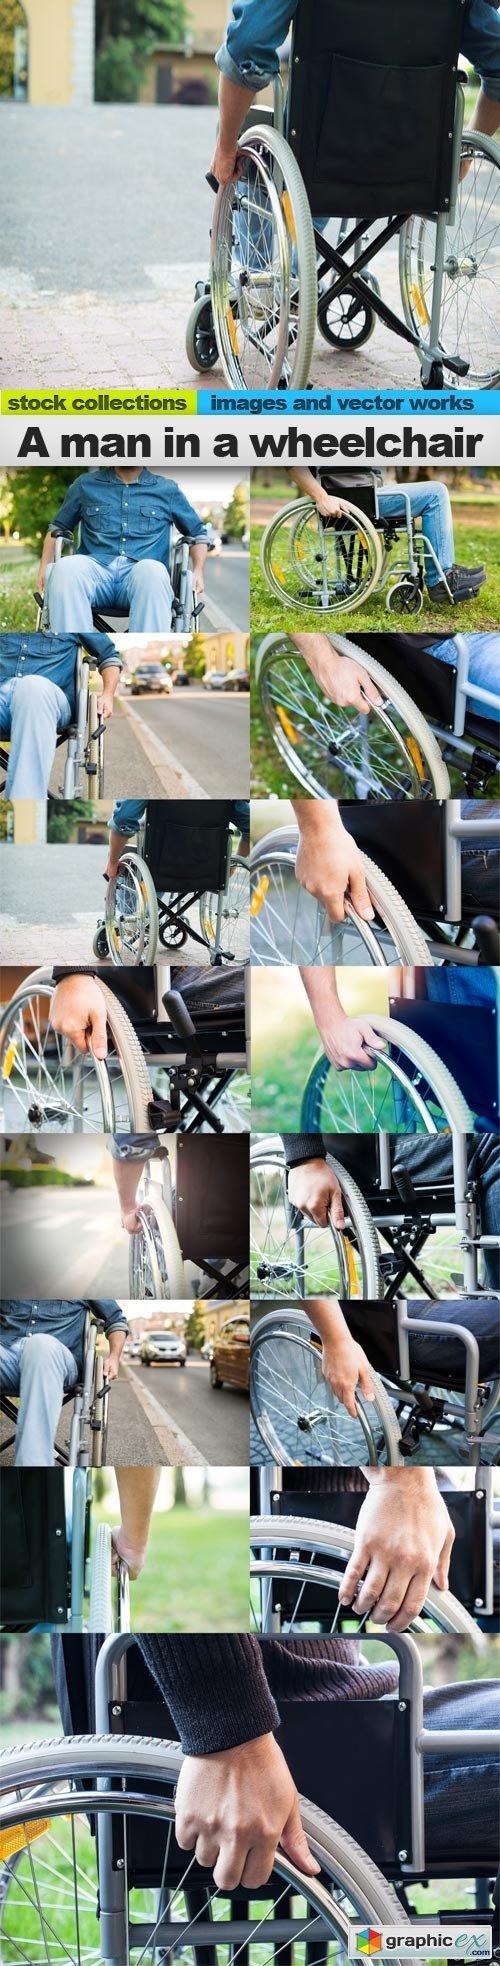 A man in a wheelchair, 15 x UHQ JPEG